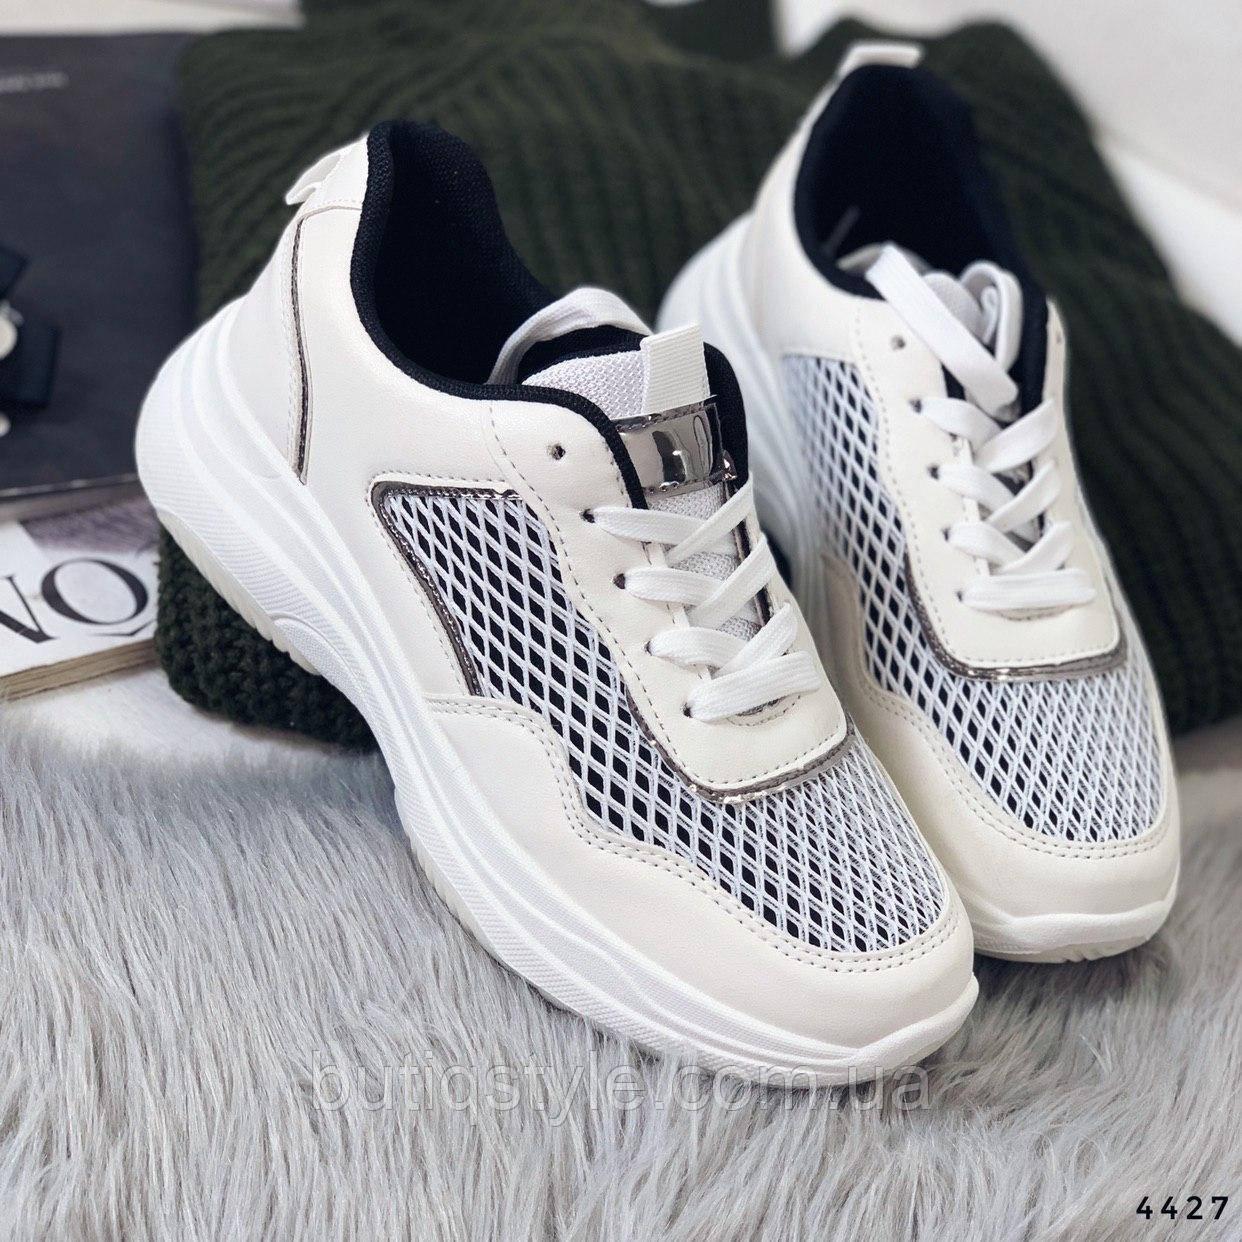 38 размер Женские кроссовки белые с черным, экокожа 3Д сетка